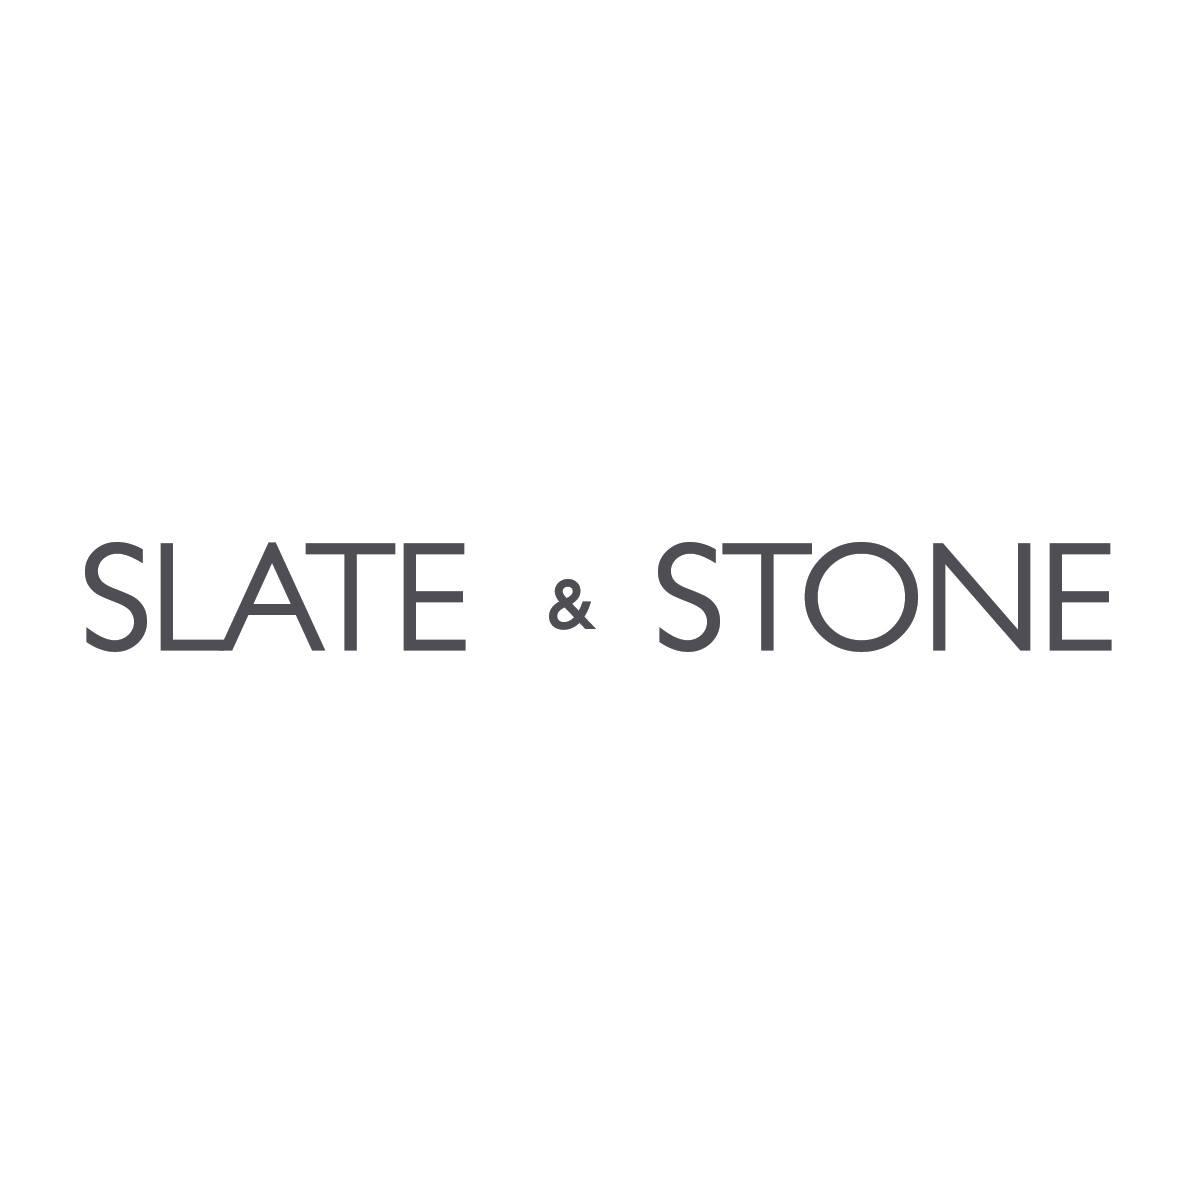 Slate & Stone.jpg